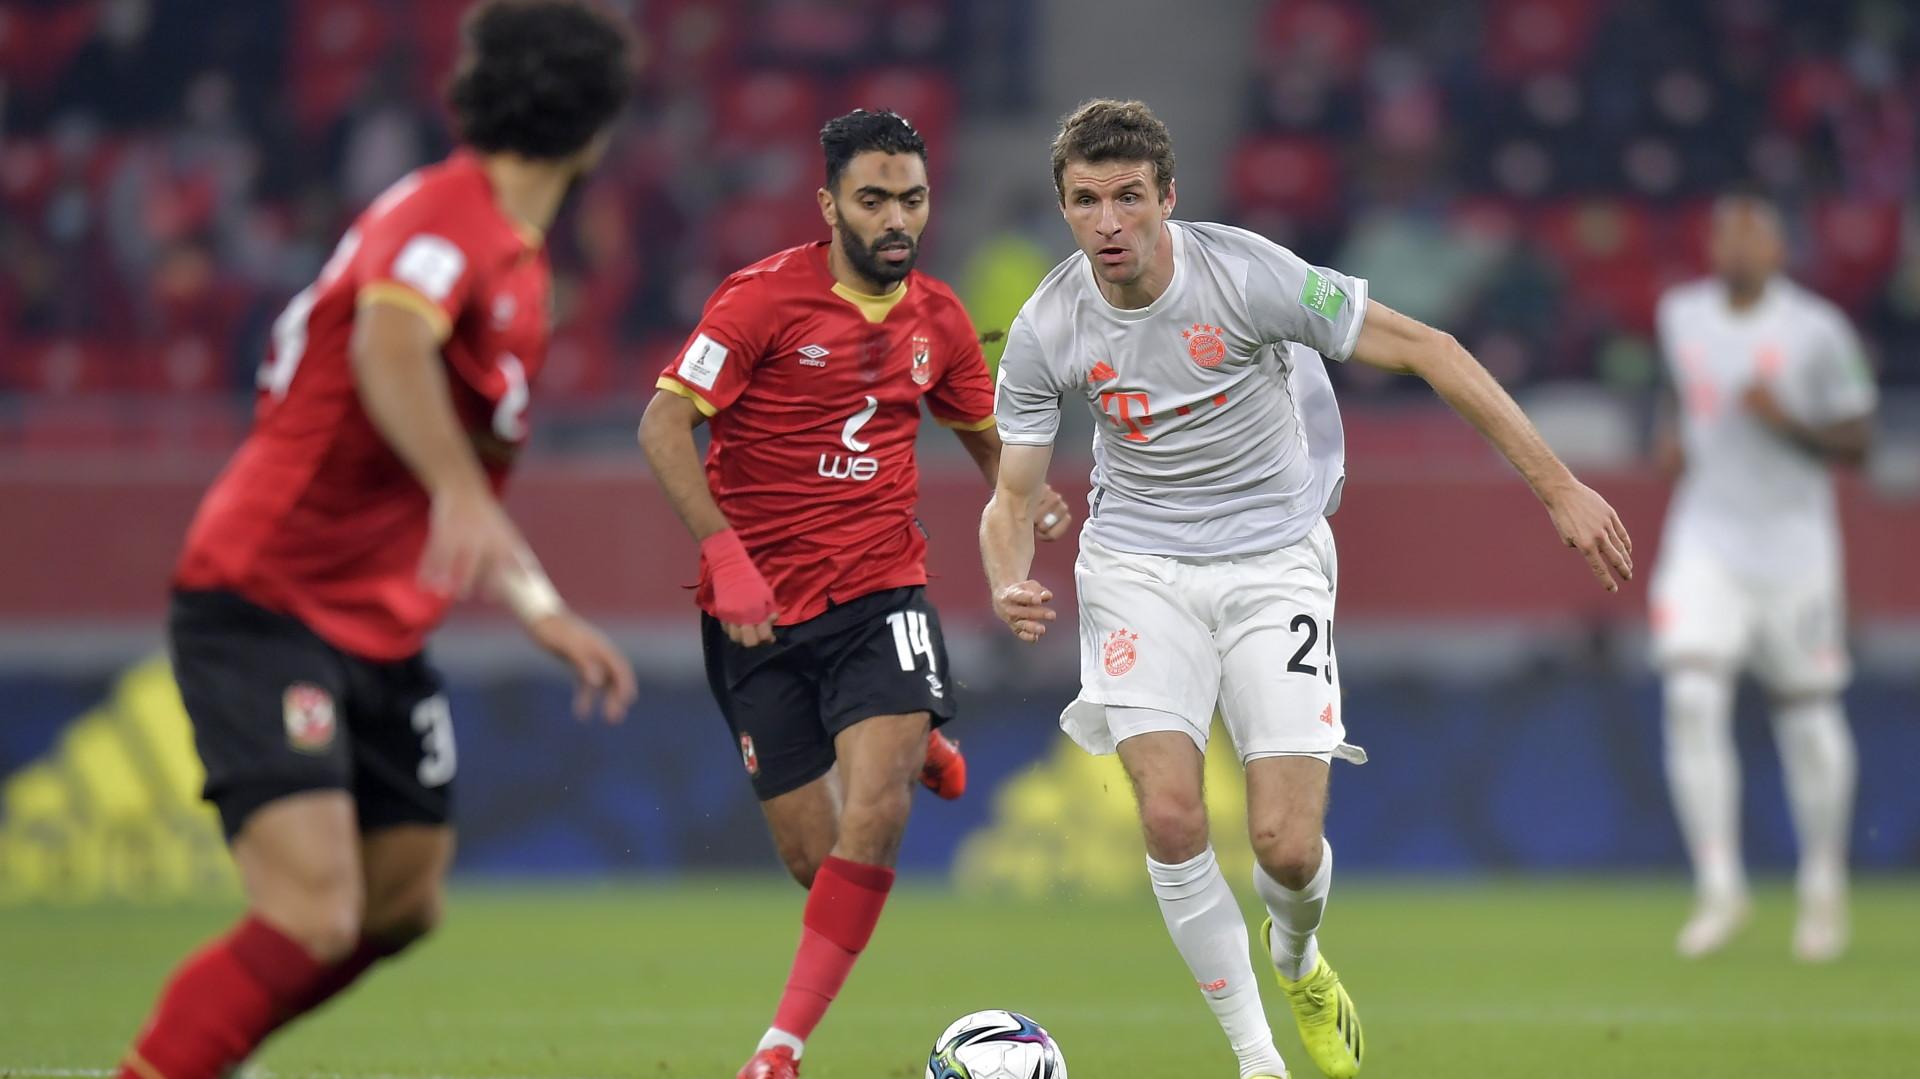 Al Ahly 0 - 2 Bayern Munich: Lewandowski brace dashes Mosimane's Fifa Club World Cup dreams